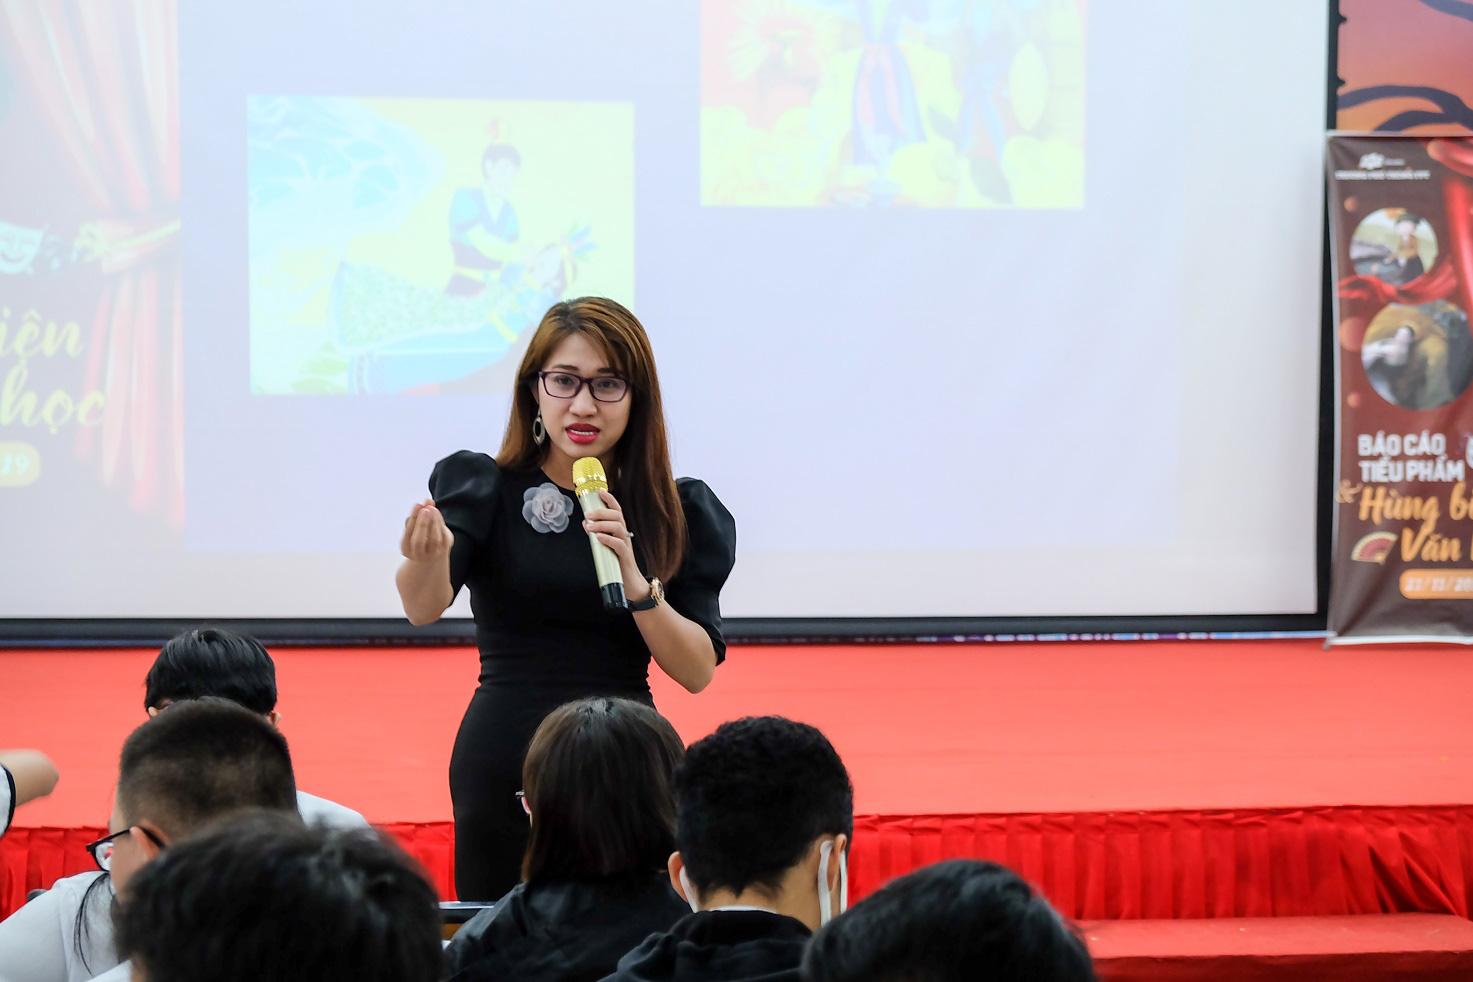 Học sinh Fschool Cần Thơ thỏa sức sáng tạo trong giờ học văn - Ảnh 3.